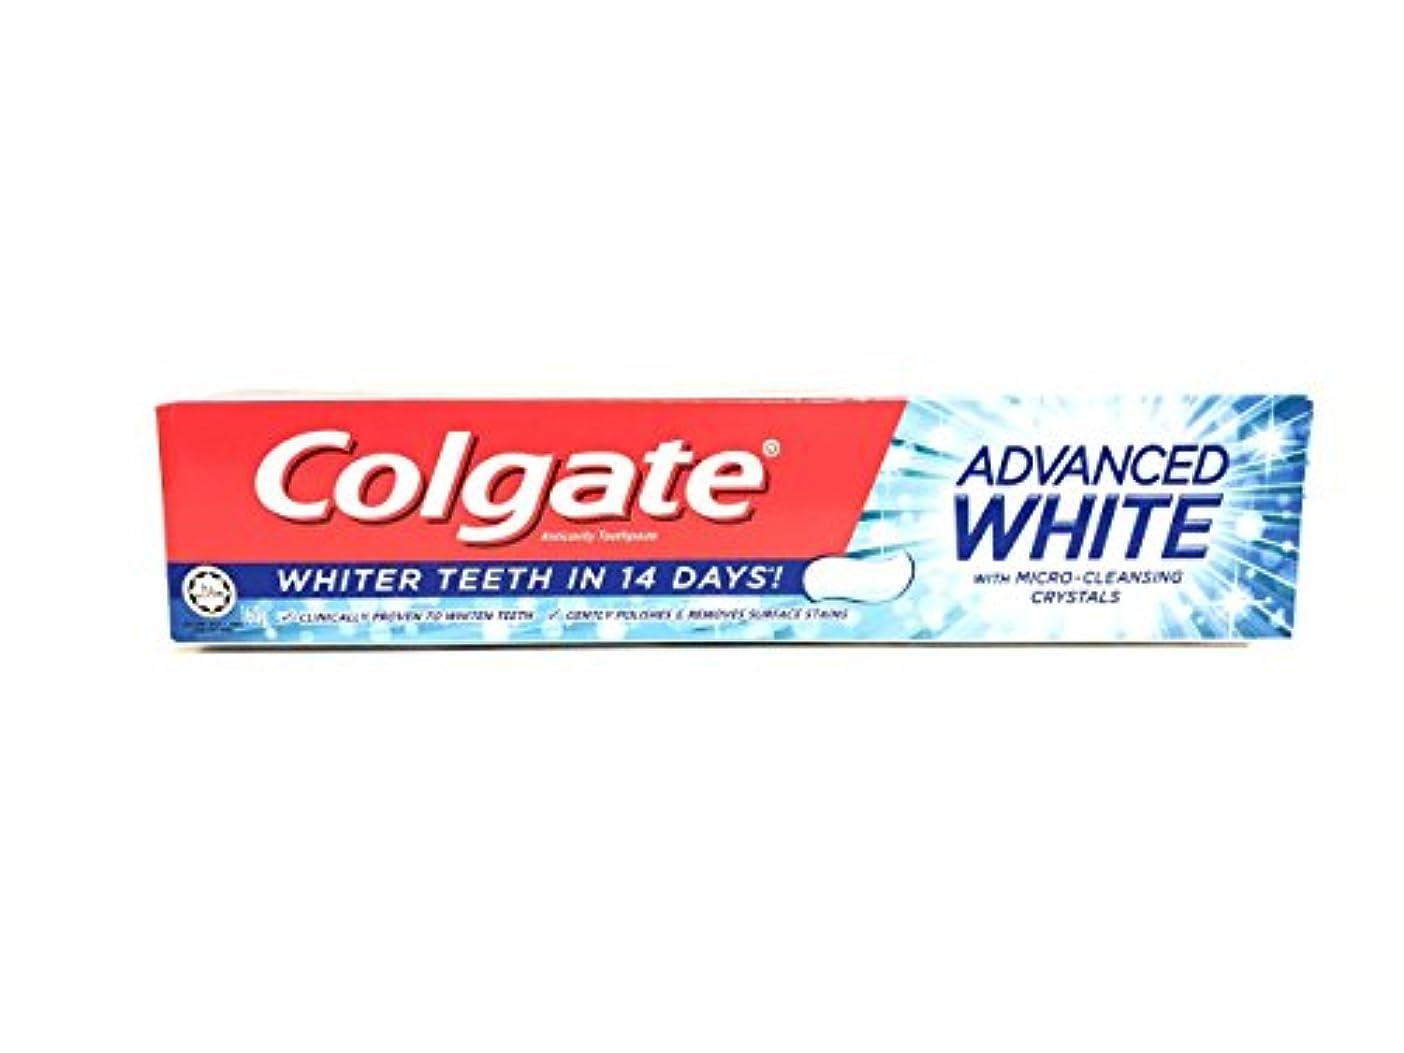 試験ショートジョージハンブリー[ARTASY WORKSHOP®][並行輸入品] Colgate コルゲート 歯磨き粉 美白 ADVANCED WHITE 美白歯磨剤 虫歯予防 歯周病ケア 口臭改善 ホワイトニング (ADVANCED WHITE)